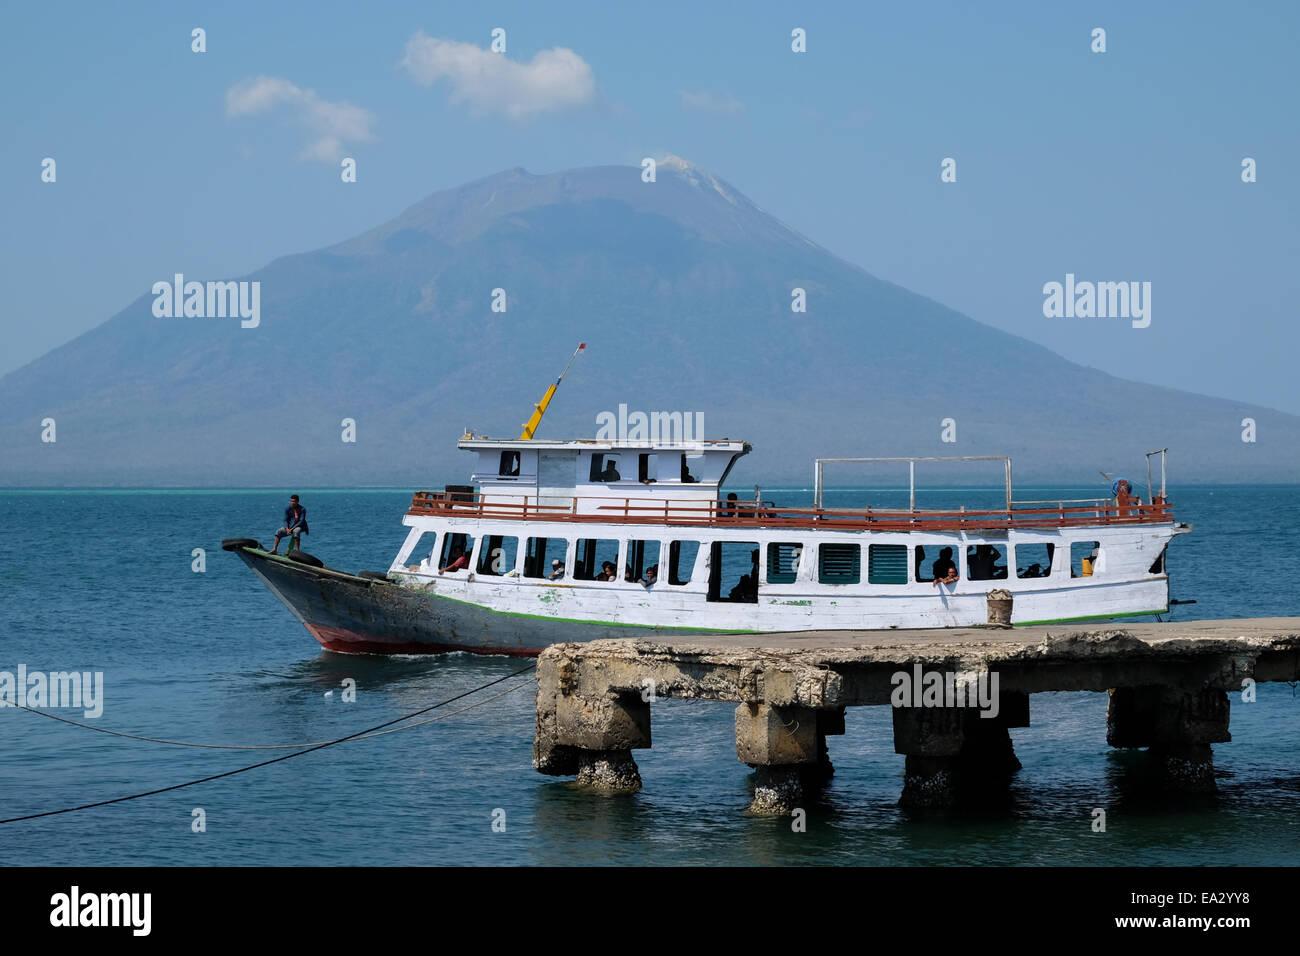 Un bateau de transport public proche port Lewoleba Lembata,, à l'Est de Nusa Tenggara, en Indonésie. Photo Stock